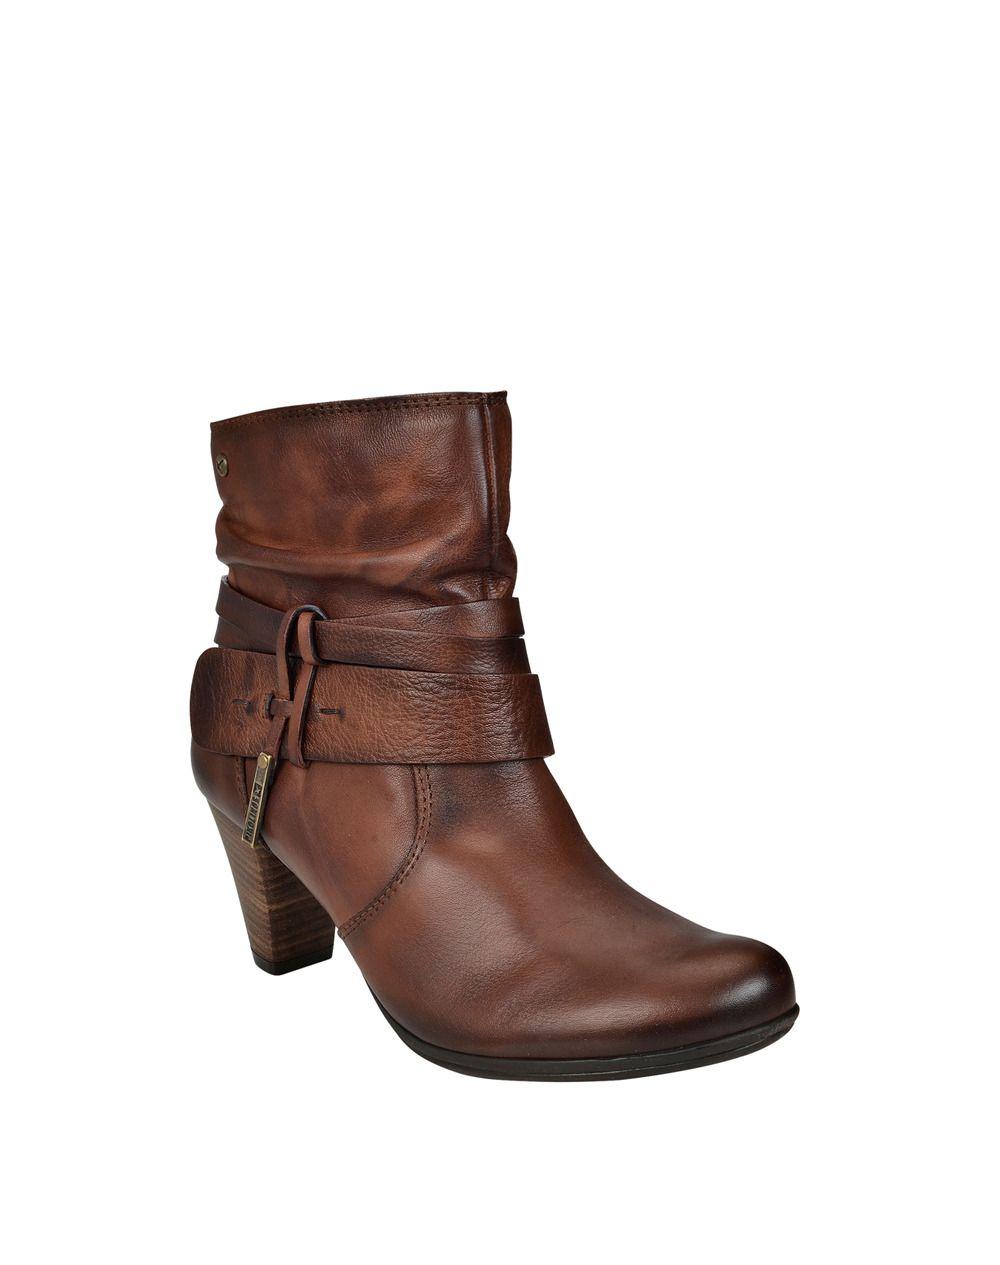 8be71abaa8173 Botas de mujer Pikolinos - Mujer - Zapatos - El Corte Inglés - Moda ...